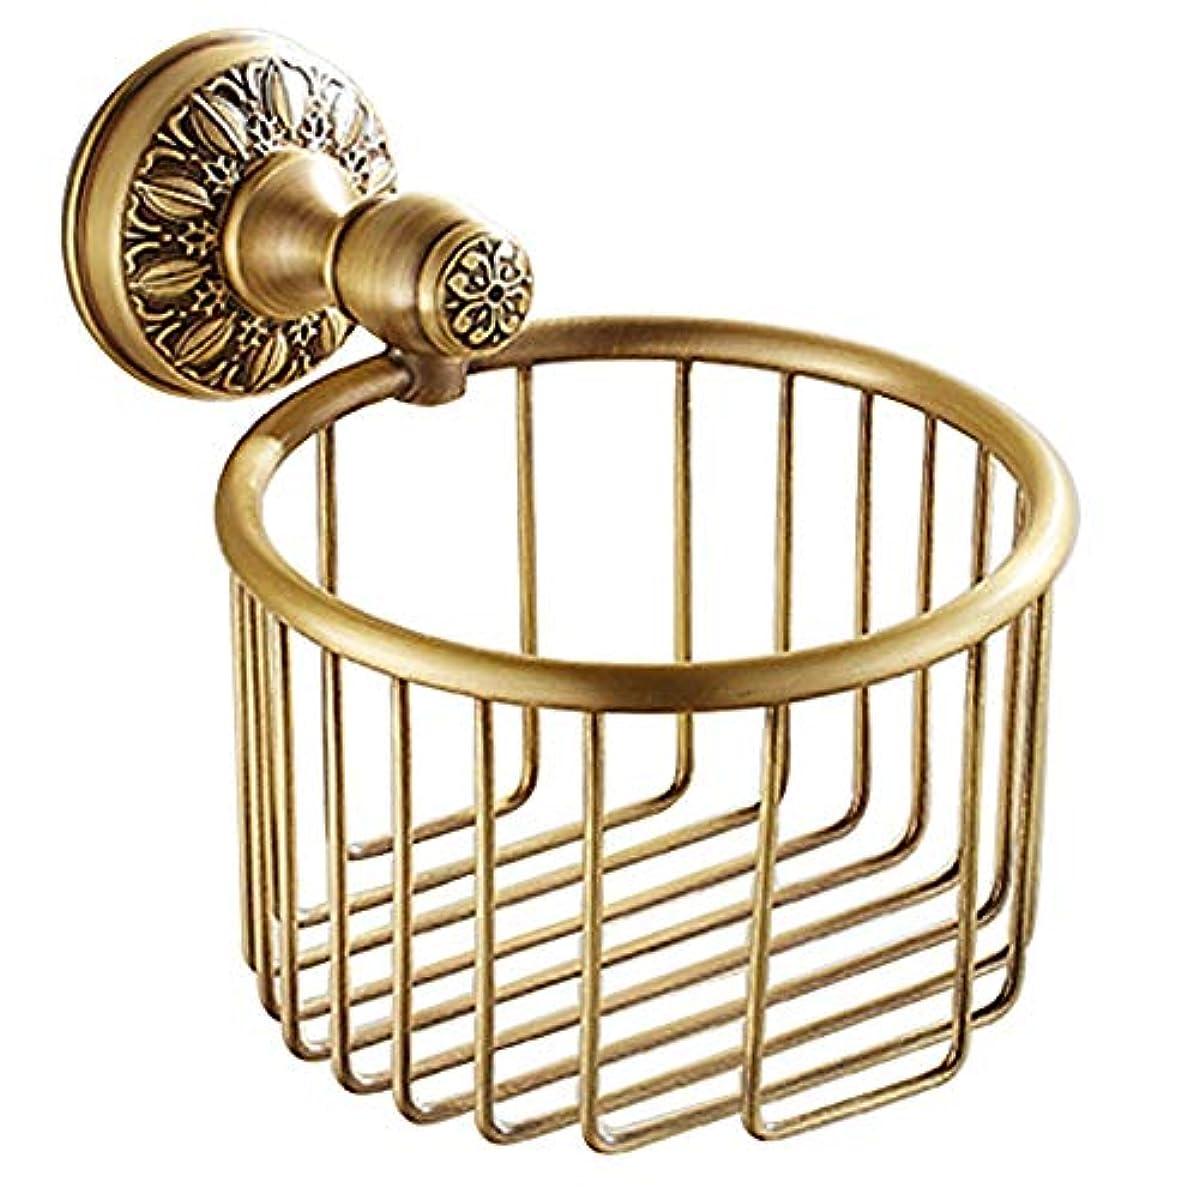 ディベートしがみつくホテルZZLX 紙タオルホルダー、ヨーロッパスタイルのフル銅模倣アンティークバスルームトイレットペーパータオルホルダー ロングハンドル風呂ブラシ